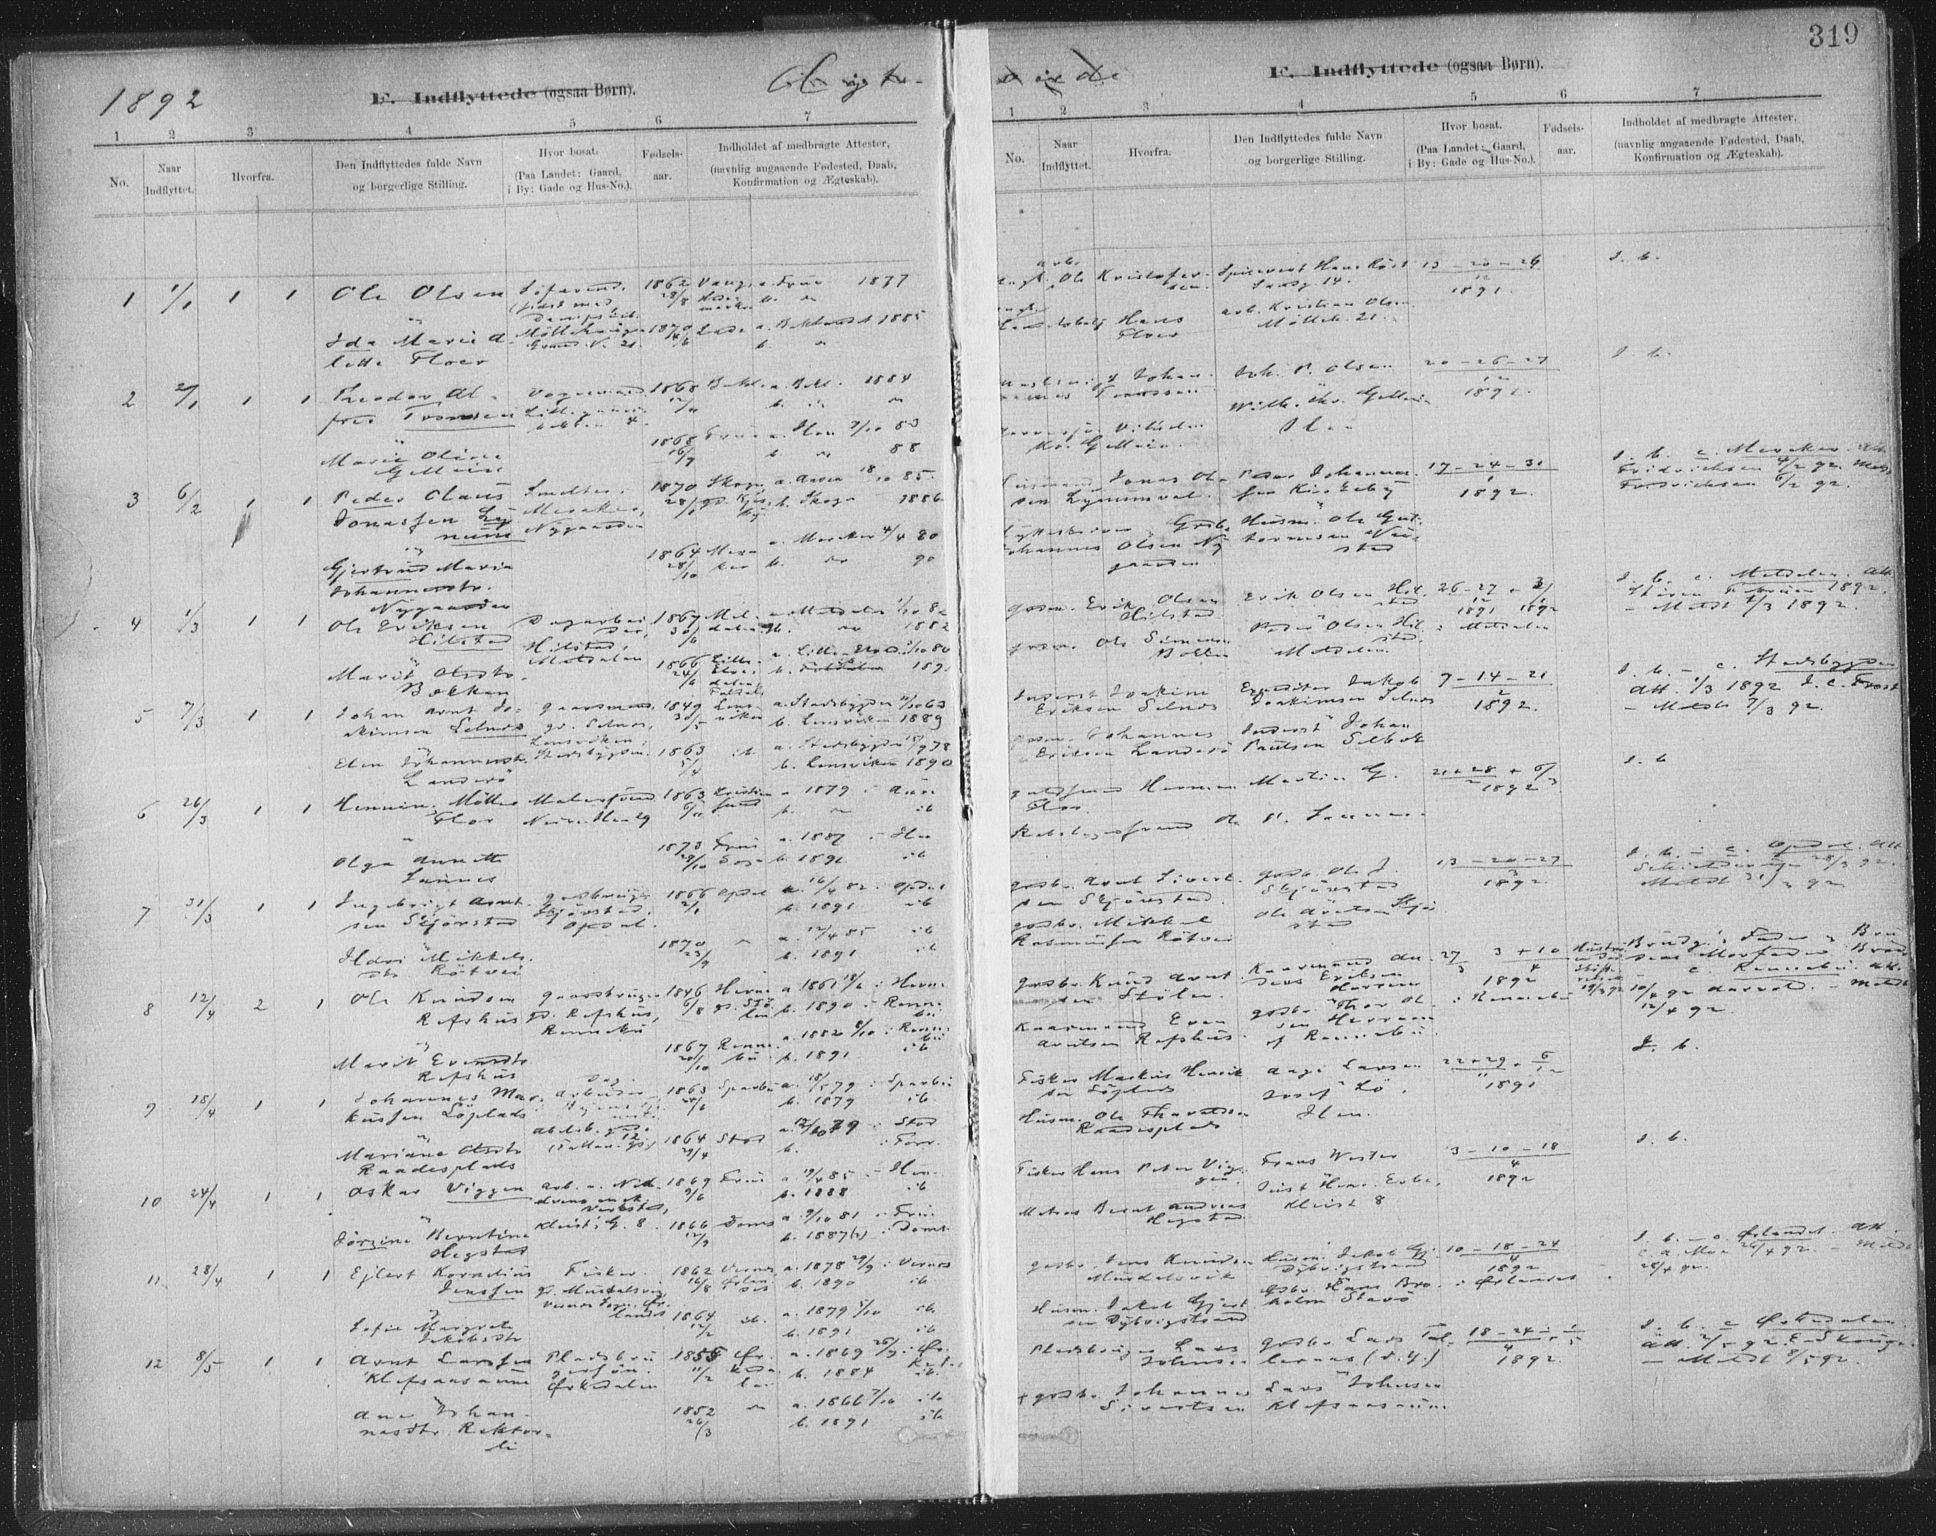 SAT, Ministerialprotokoller, klokkerbøker og fødselsregistre - Sør-Trøndelag, 603/L0163: Ministerialbok nr. 603A02, 1879-1895, s. 319